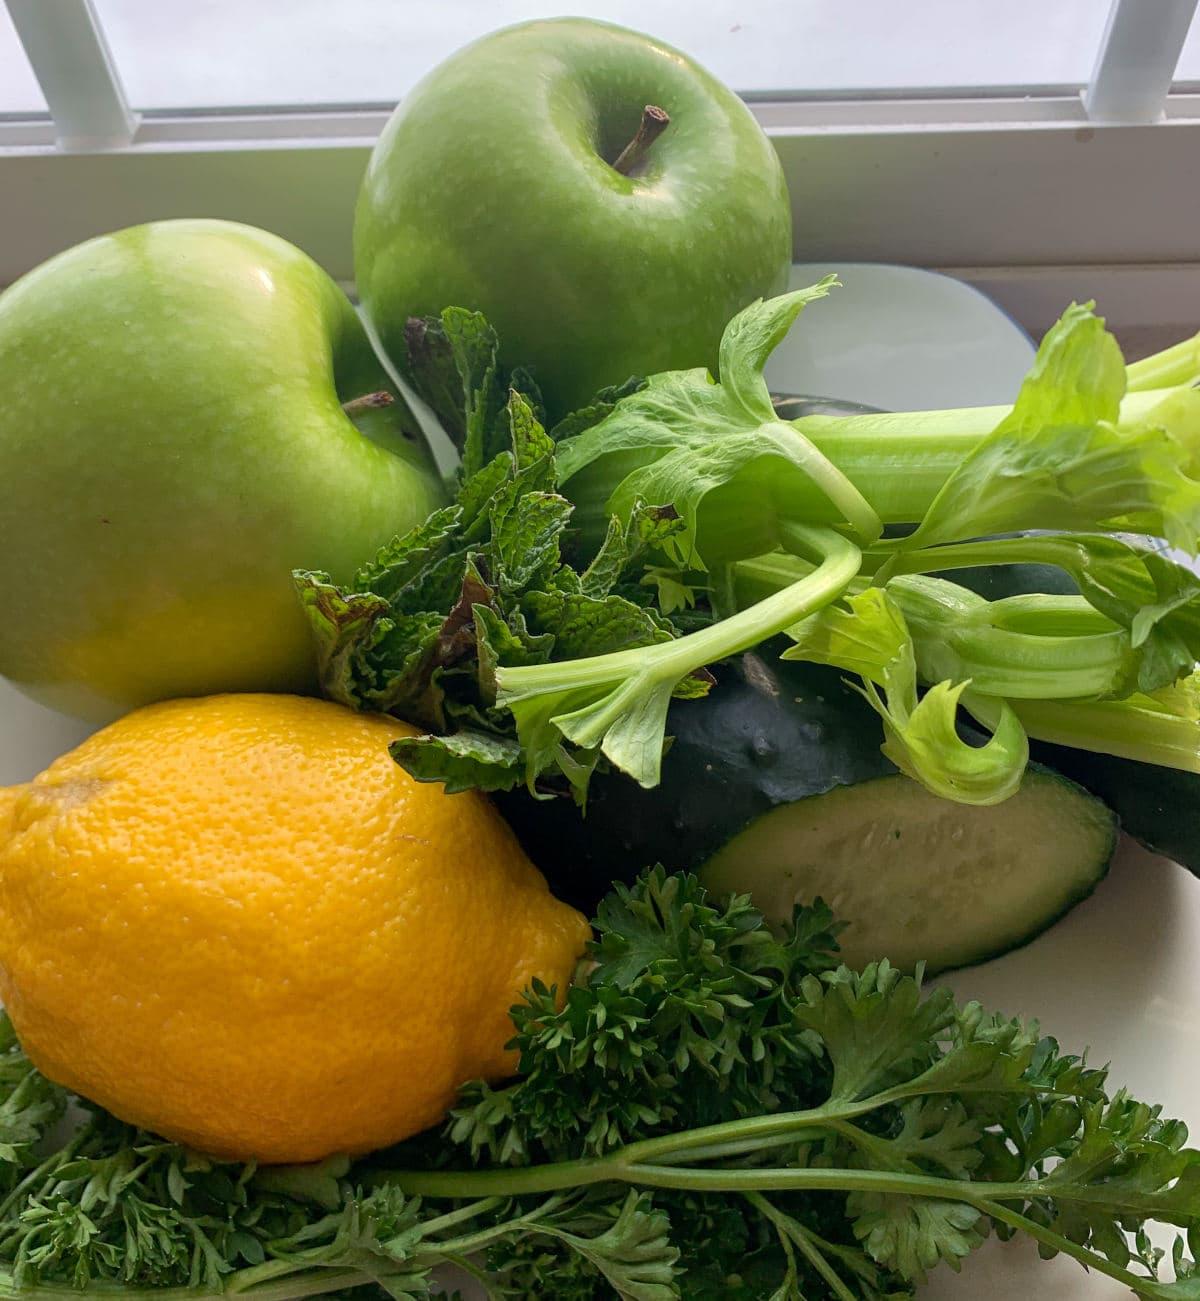 detox-dream-fruits-veggies